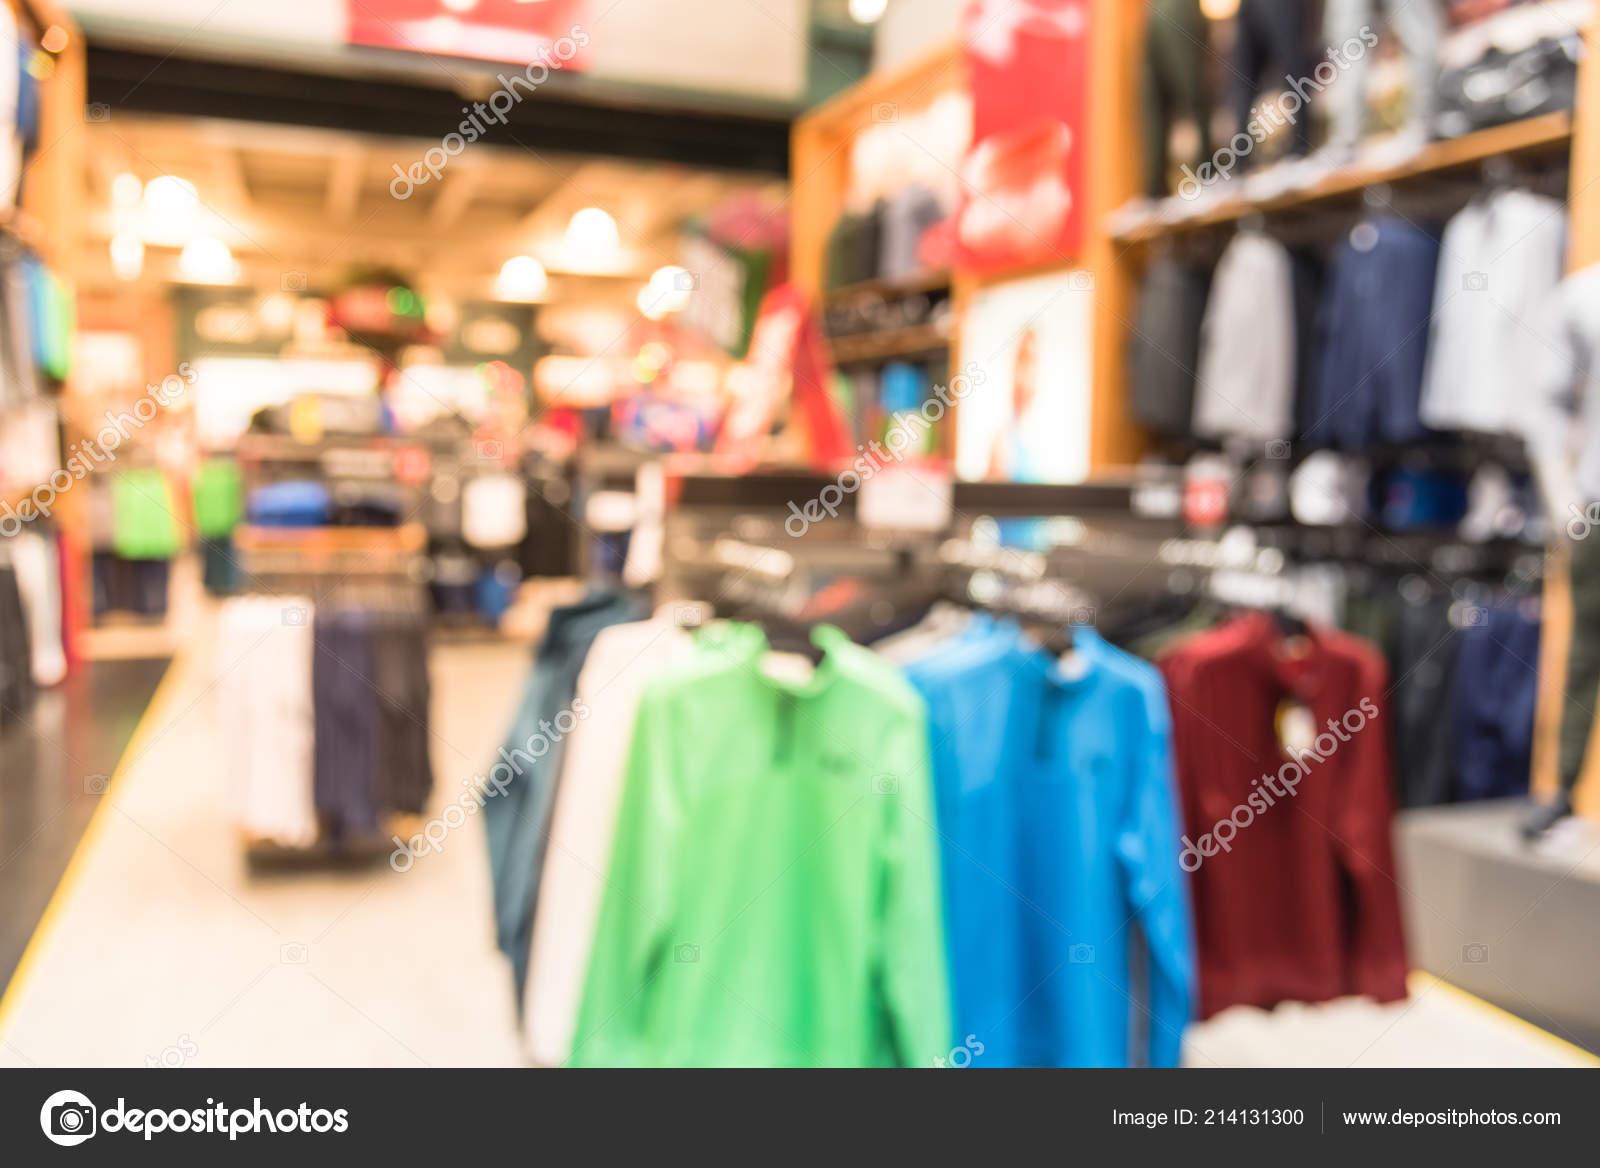 d4f85e863 Interior de imagem borrada de esportes e loja de roupas de fitness na  América. Loja de desporto com marca de moda famosos esportes mundial de  vestuário